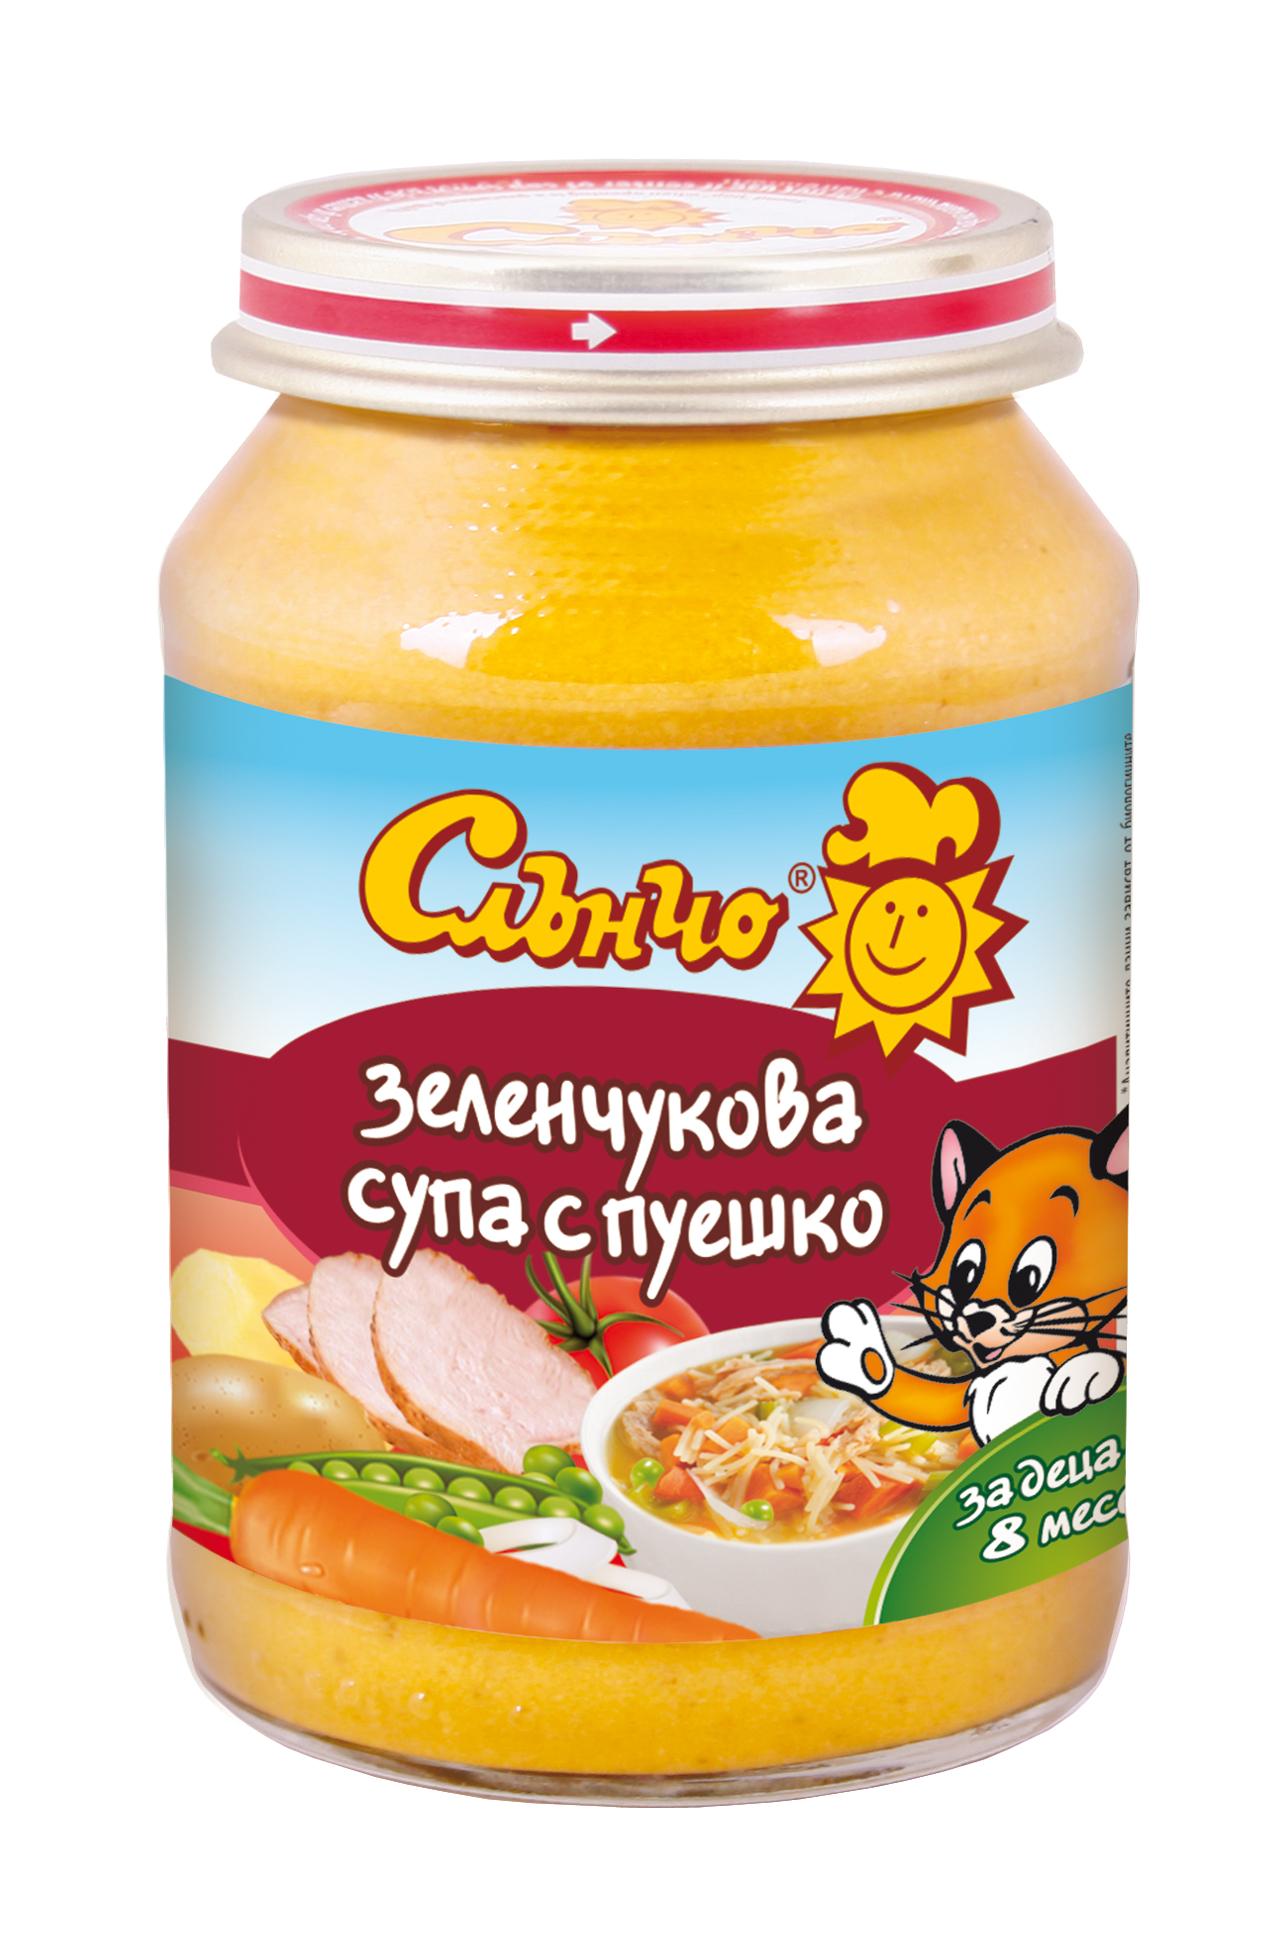 zelenchukova-supa-s-pueshko_bg (2)